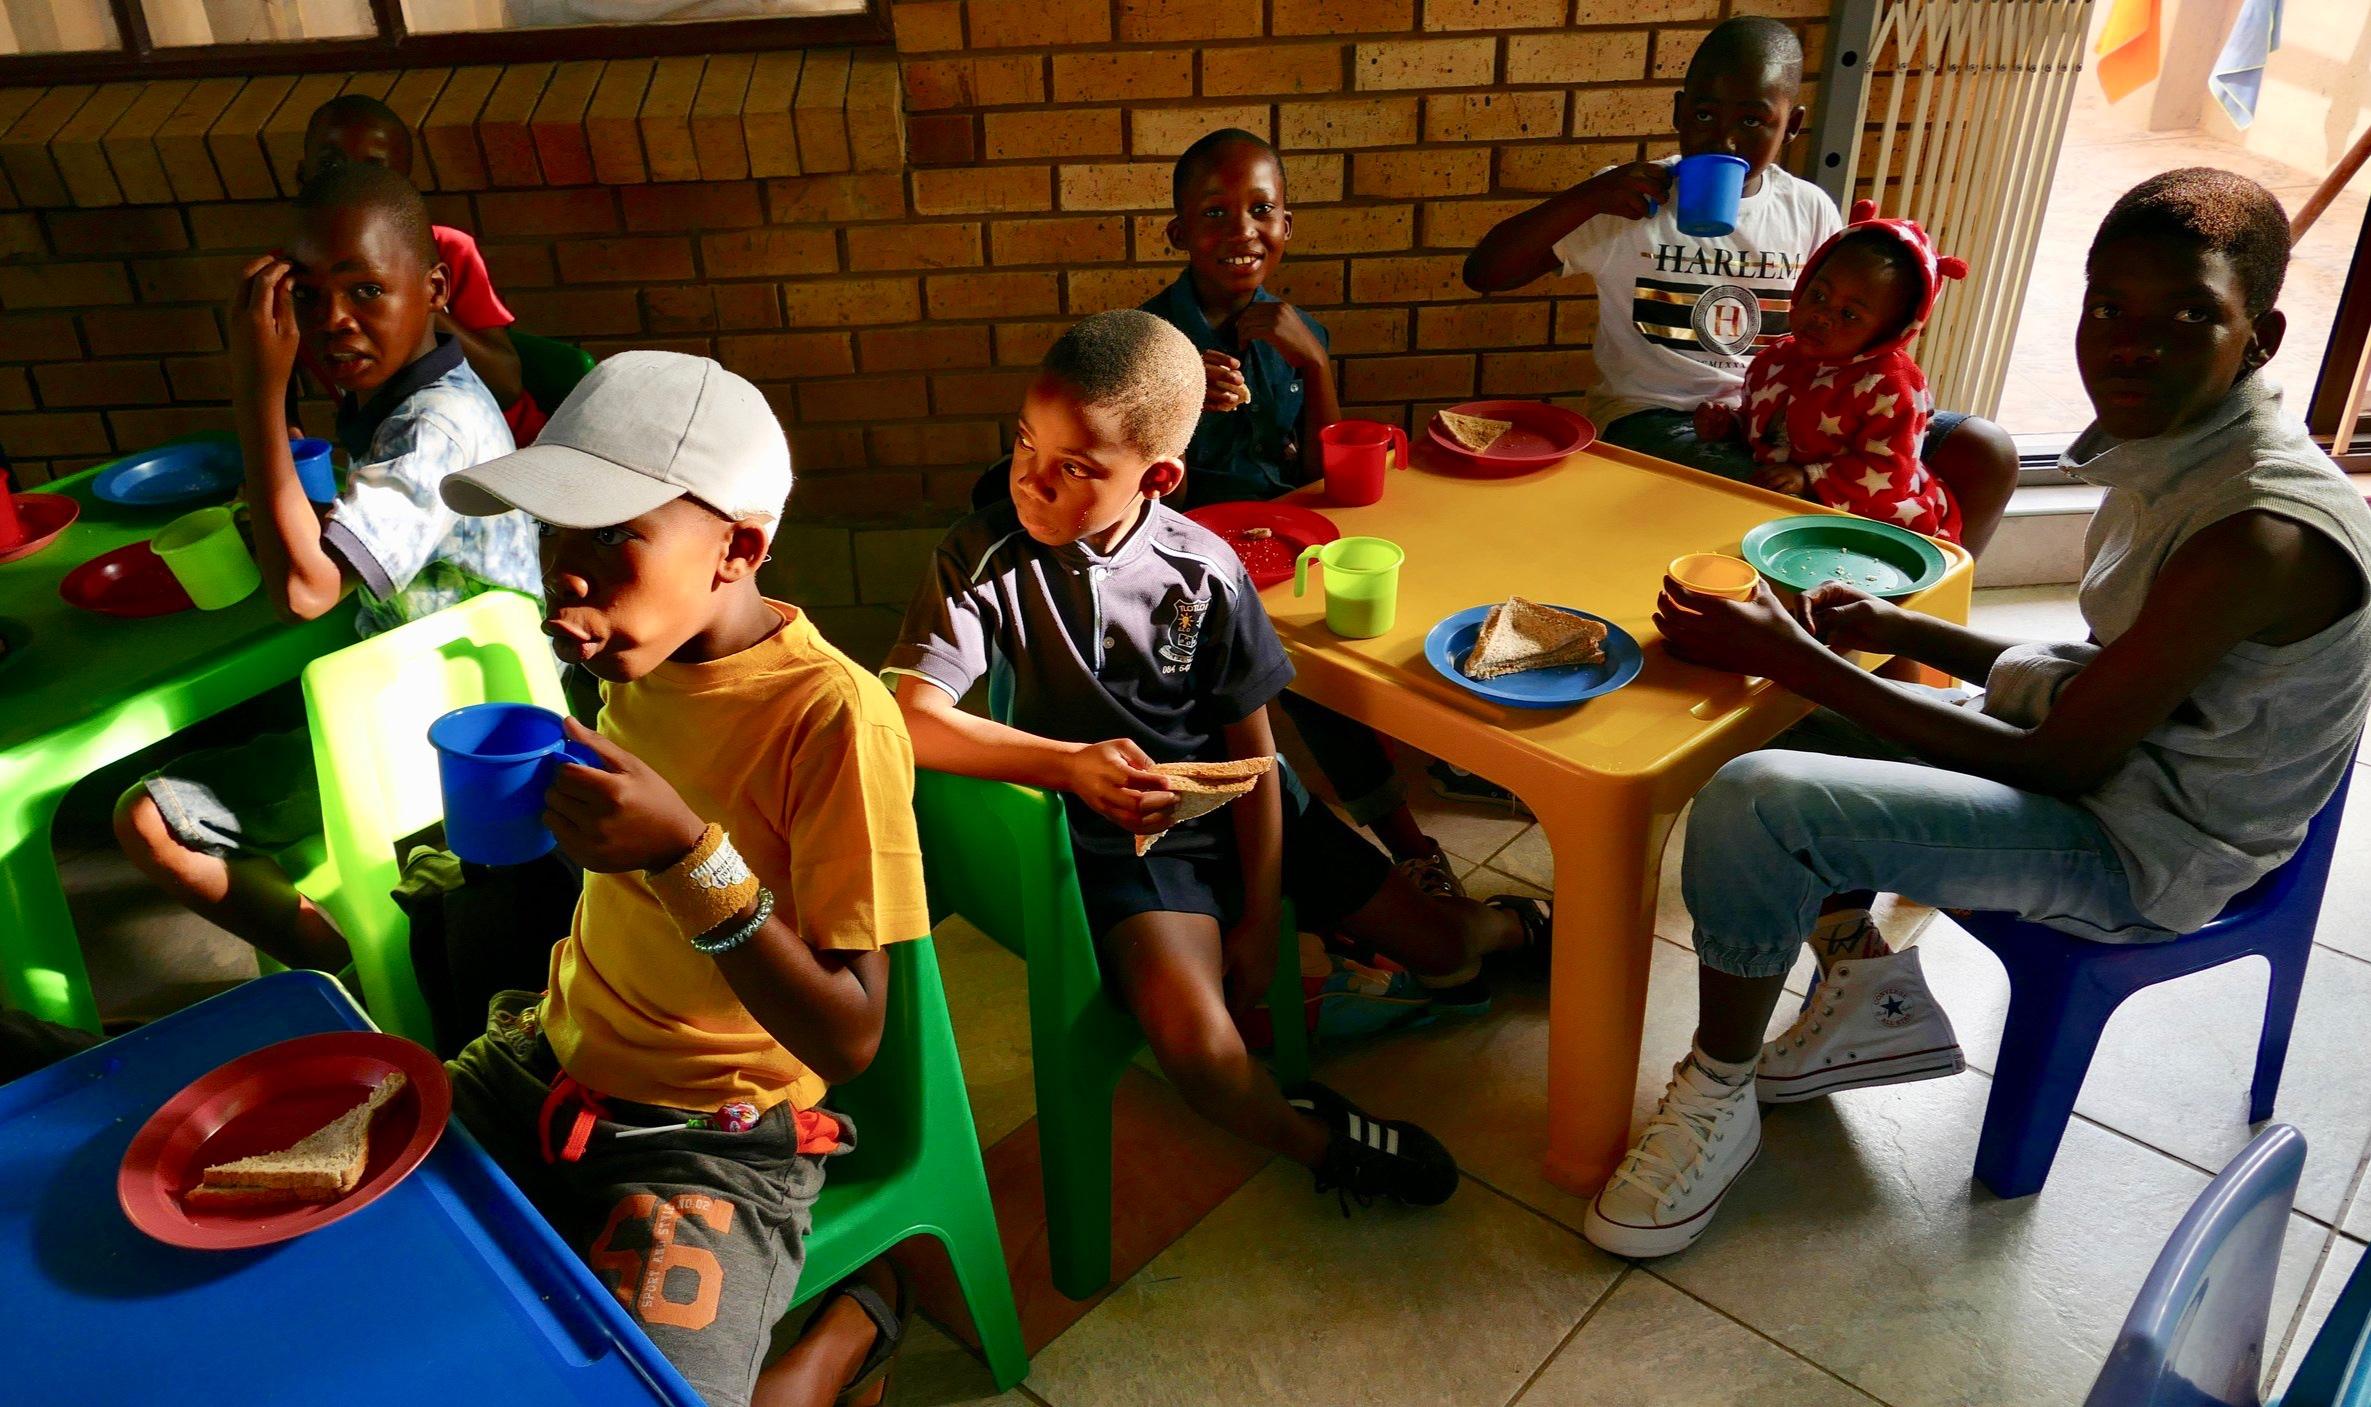 Children of House of Hope